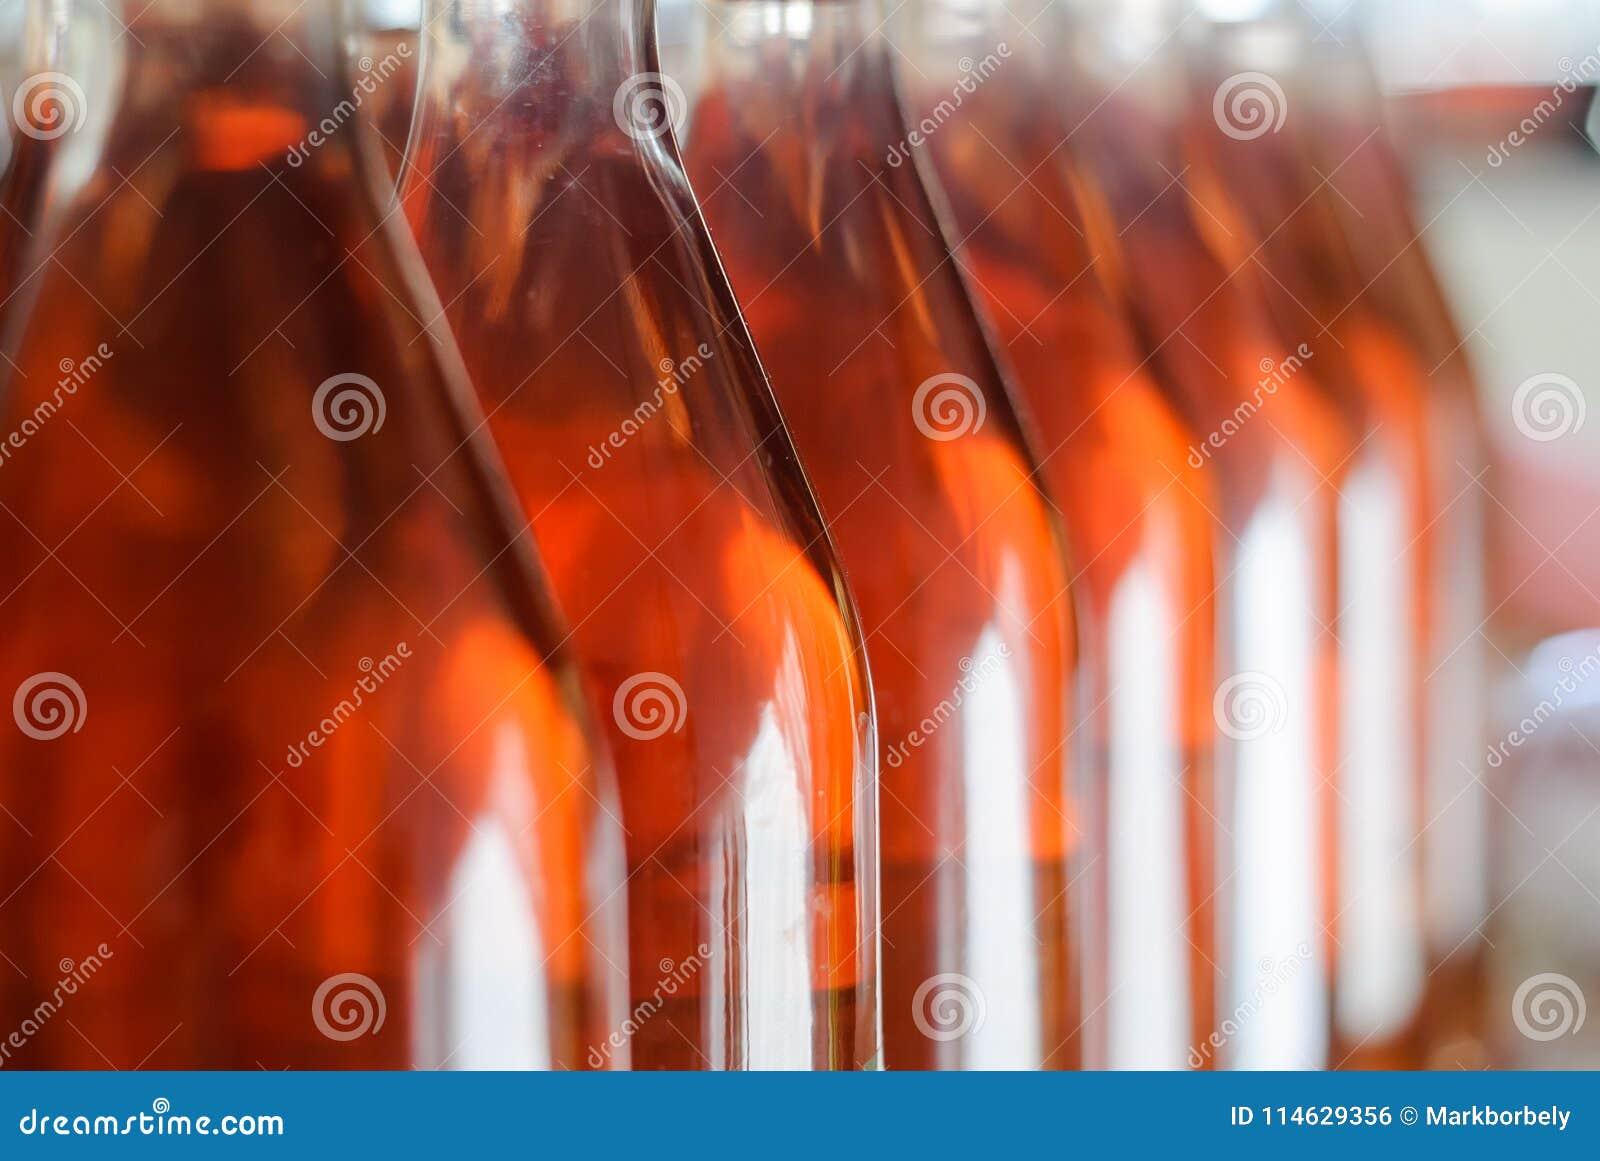 Vinflaskor/Cabernet Franc Rose flaskor av vin i rader i ungersk vinkällare